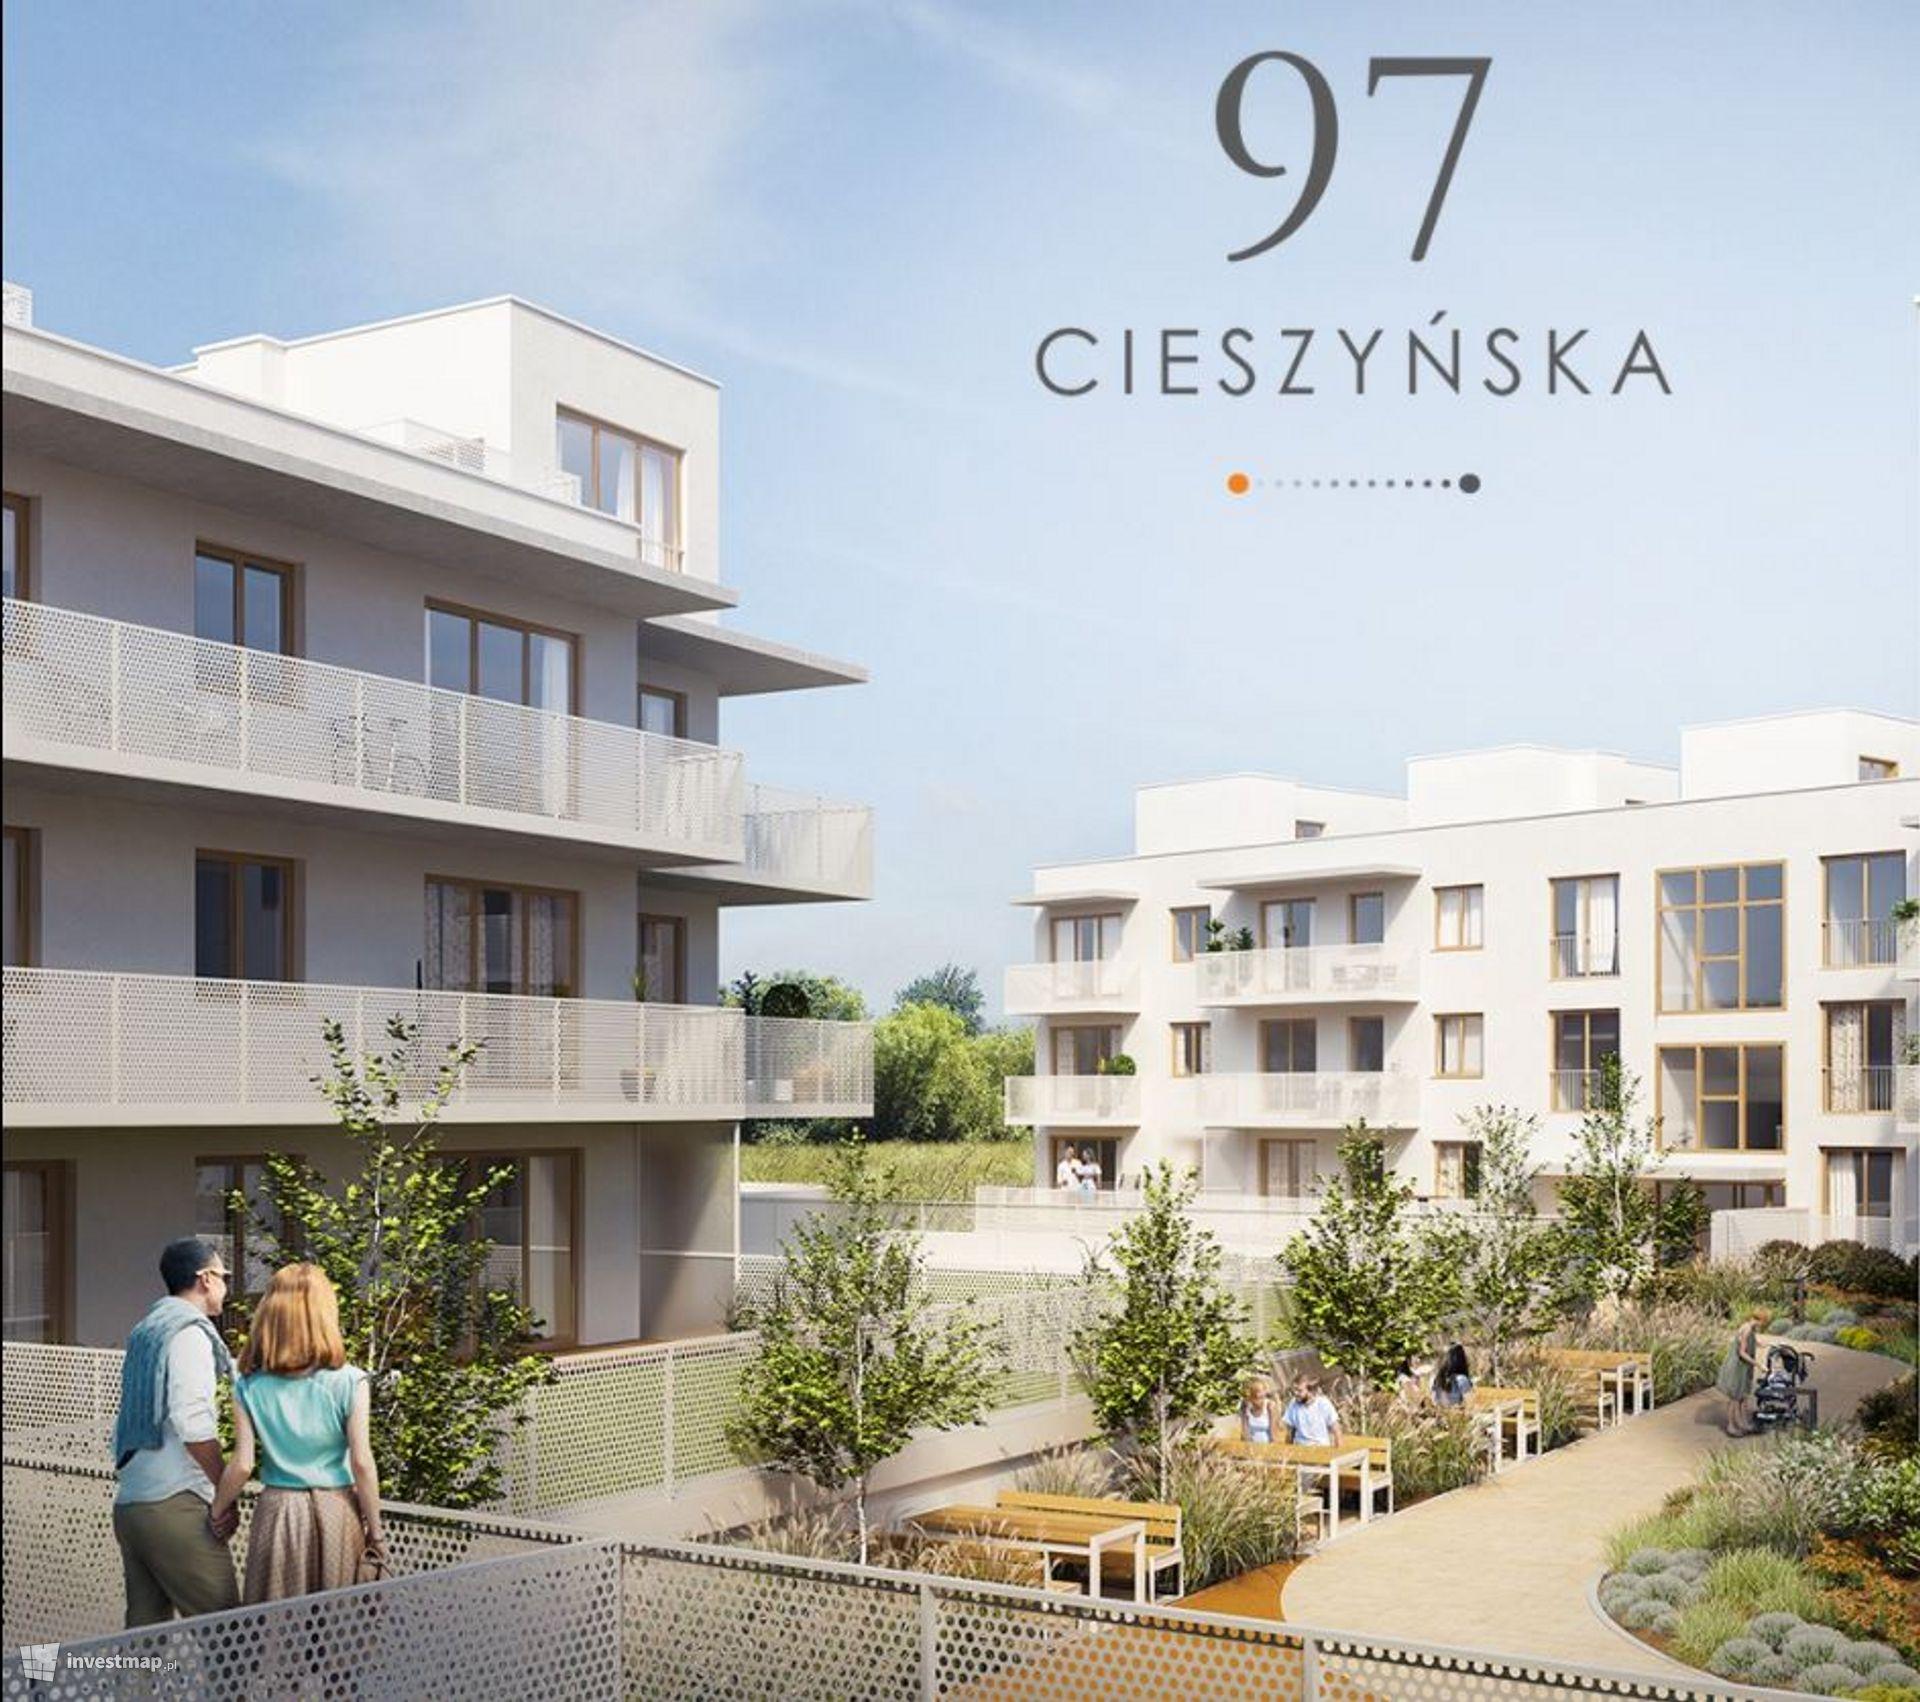 Osiedle, ul. Cieszyńska